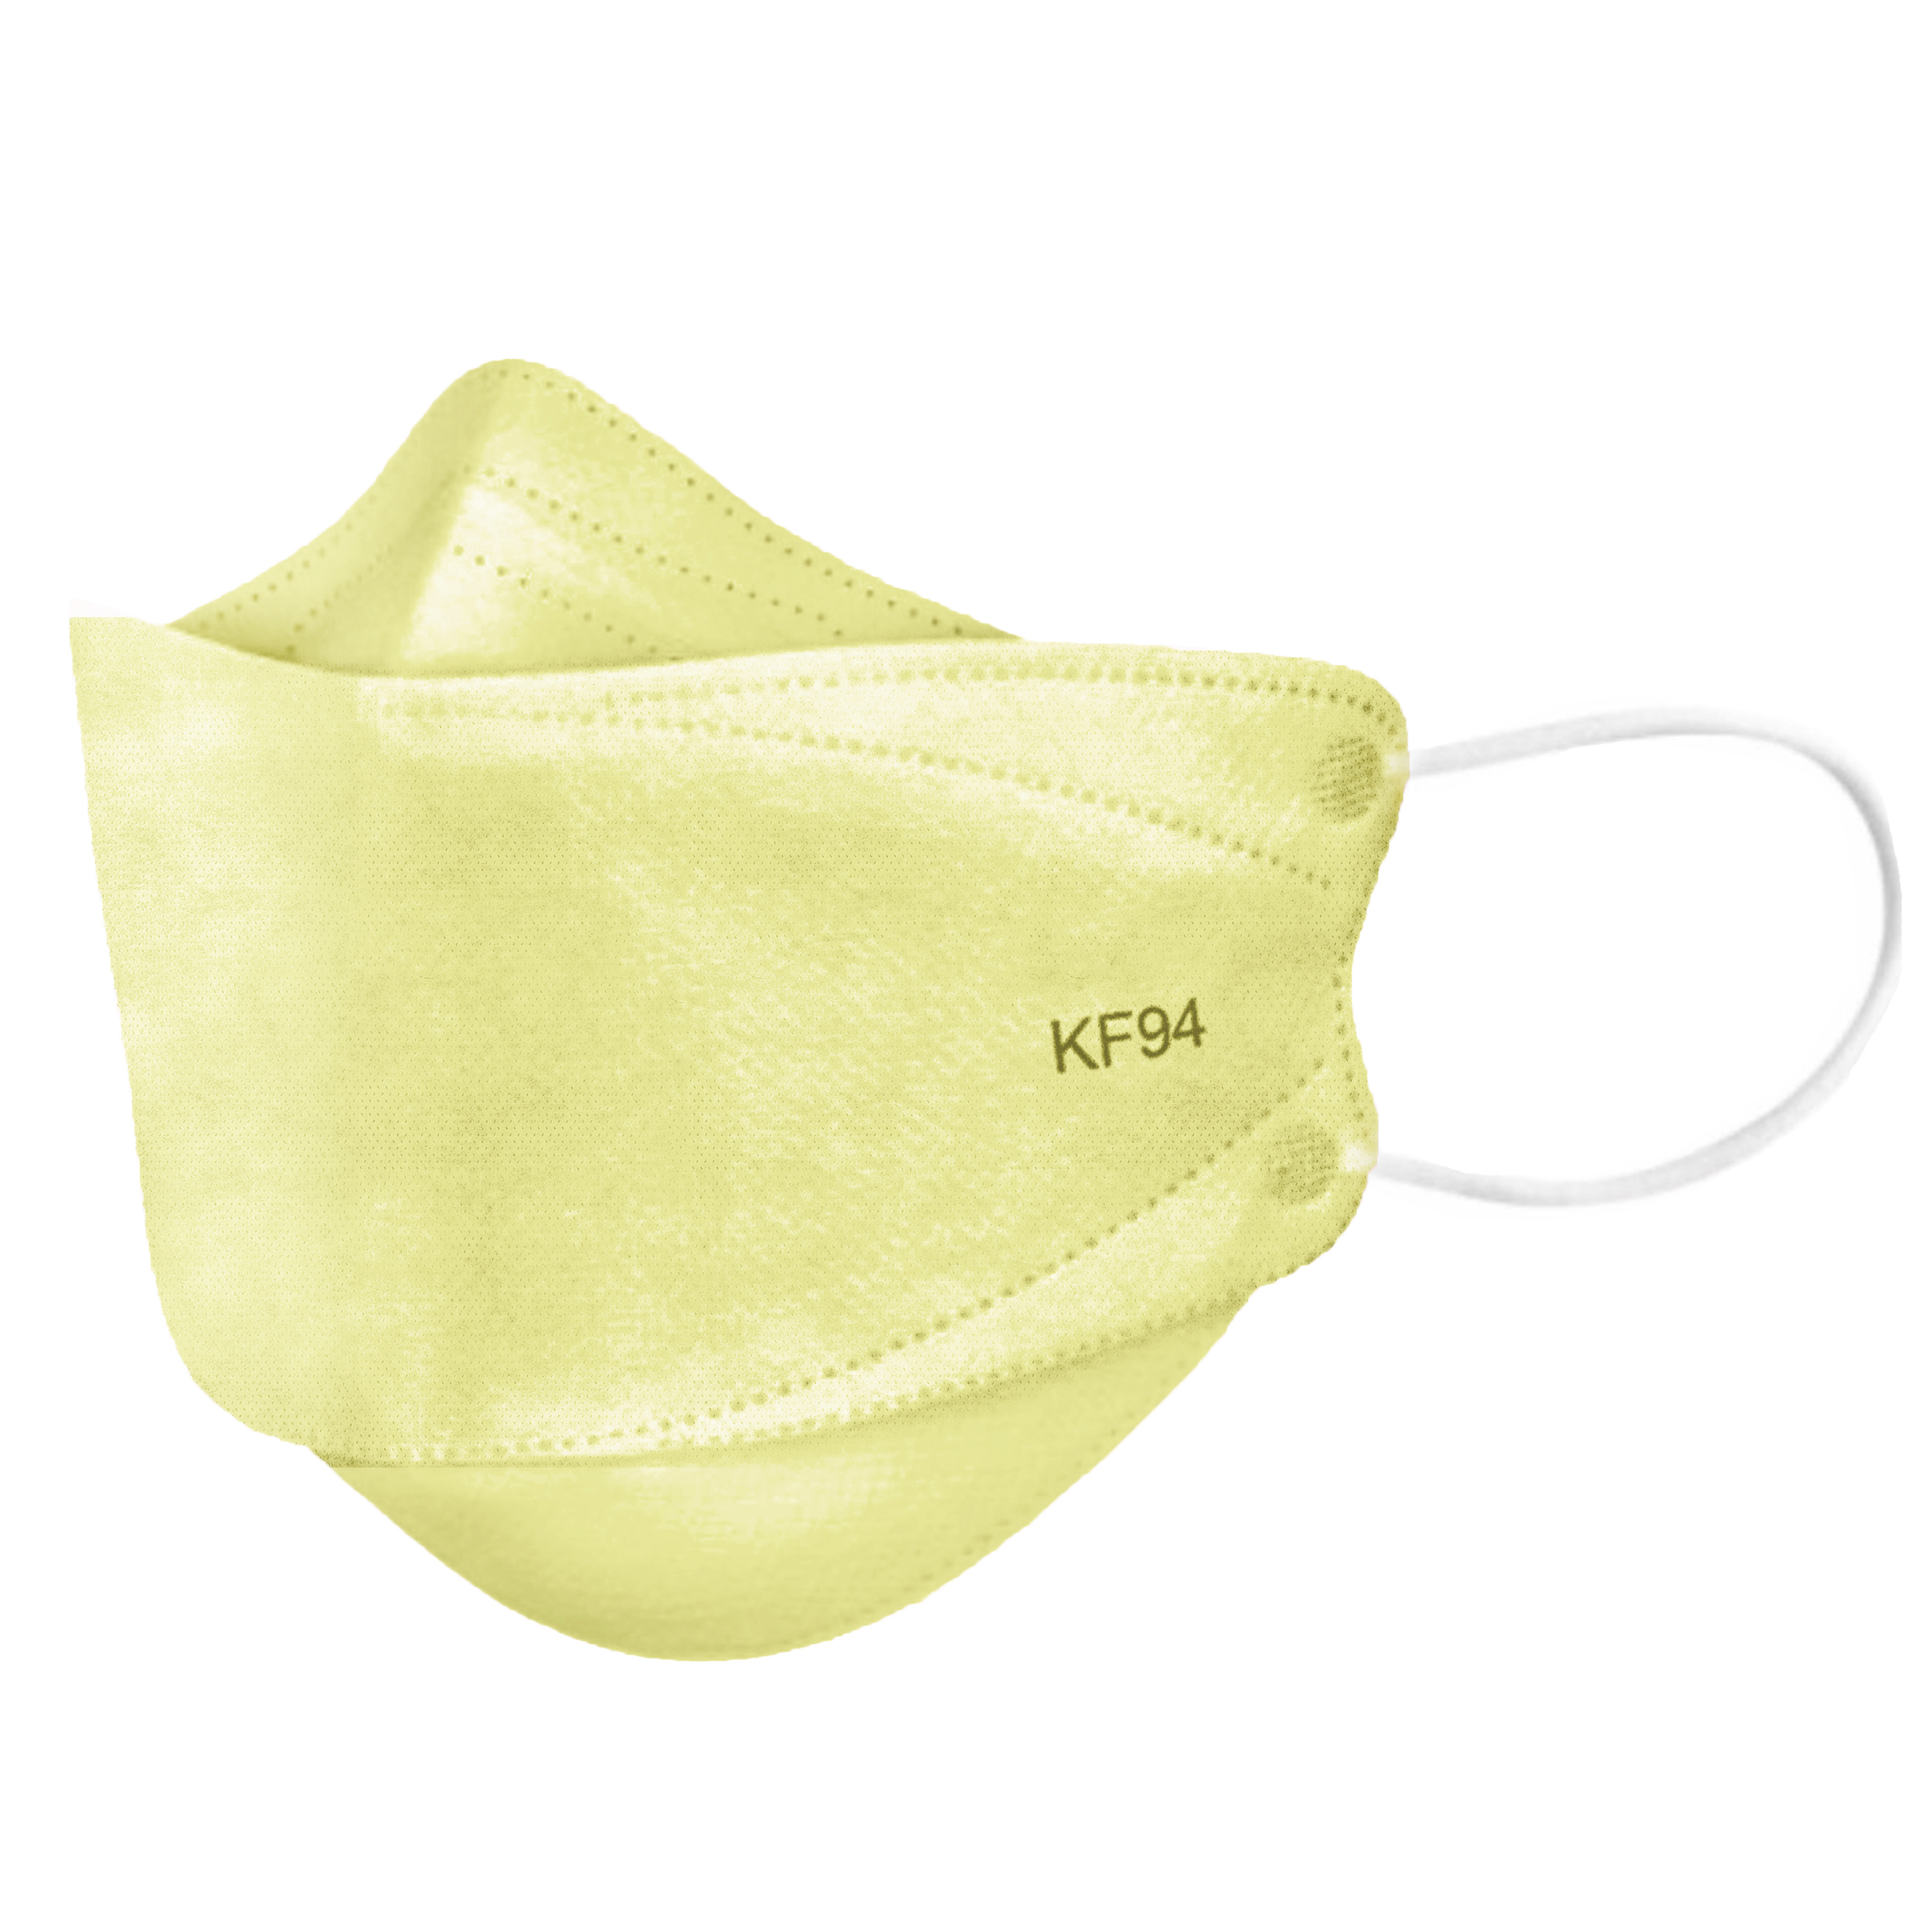 ماسک تنفسی اس اچ ام کد LY4-0073-zd بسته 5 عددی